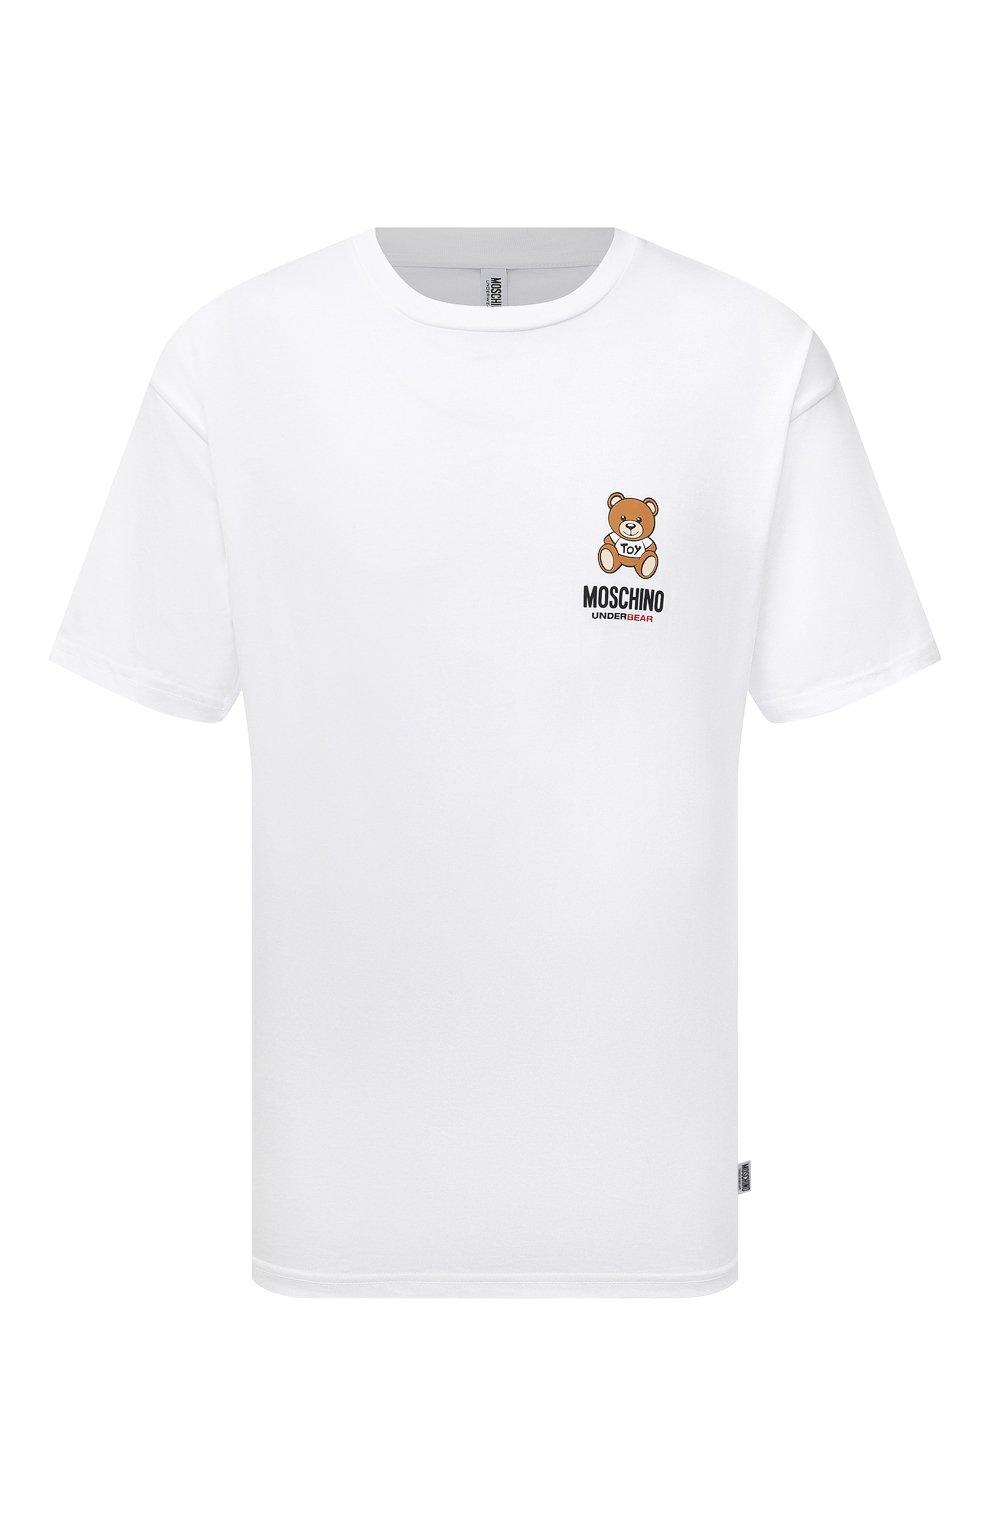 Мужская хлопковая футболка MOSCHINO белого цвета, арт. A1923/8125   Фото 1 (Кросс-КТ: домашняя одежда; Рукава: Короткие; Длина (для топов): Стандартные; Материал внешний: Хлопок; Мужское Кросс-КТ: Футболка-белье)